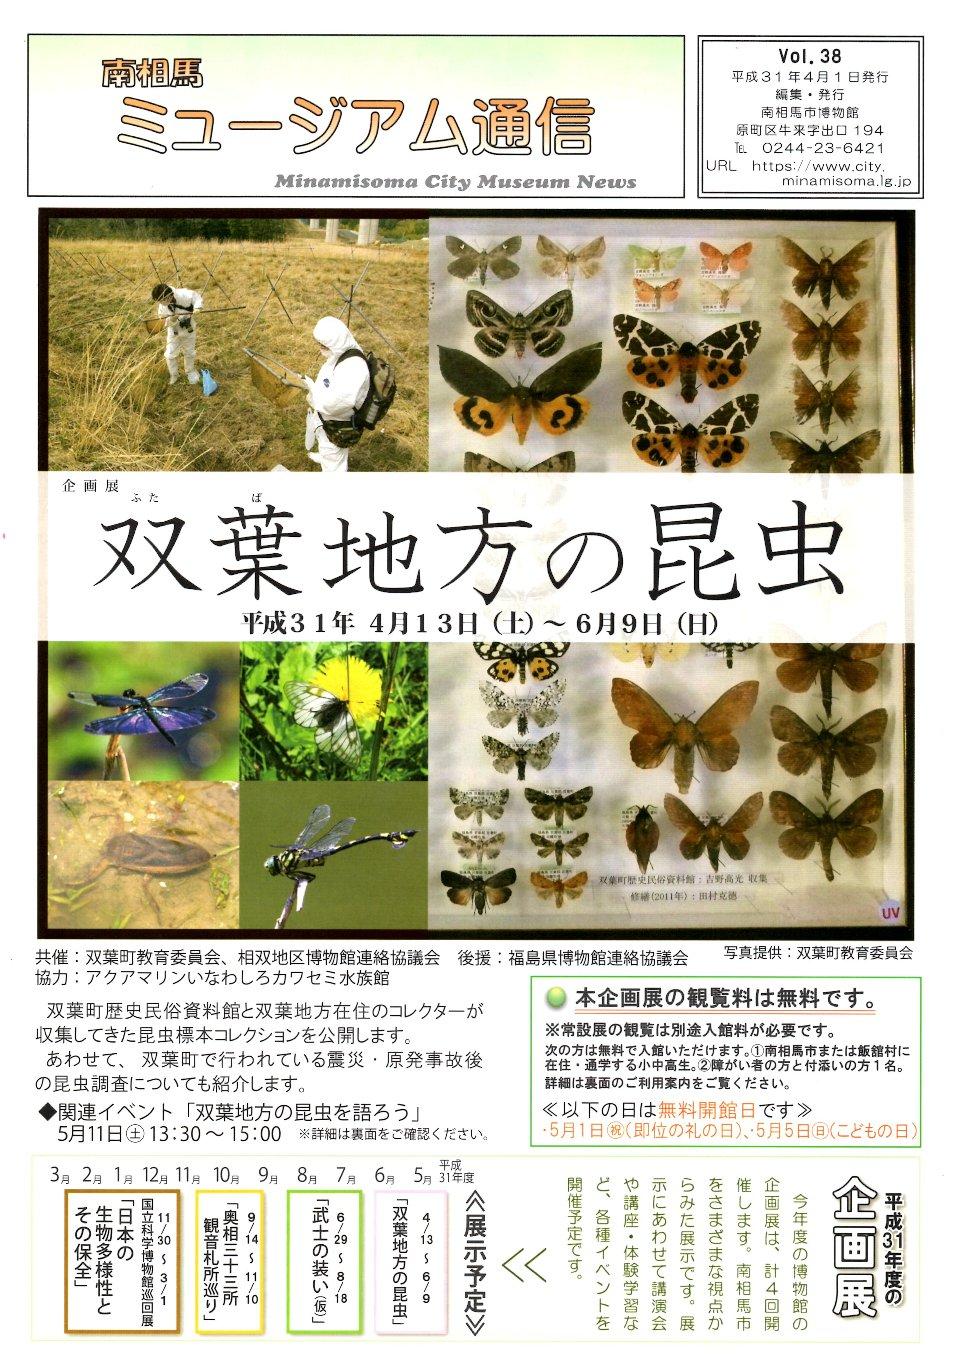 平成31年度企画展「双葉地方の昆虫」 @ 南相馬市博物館